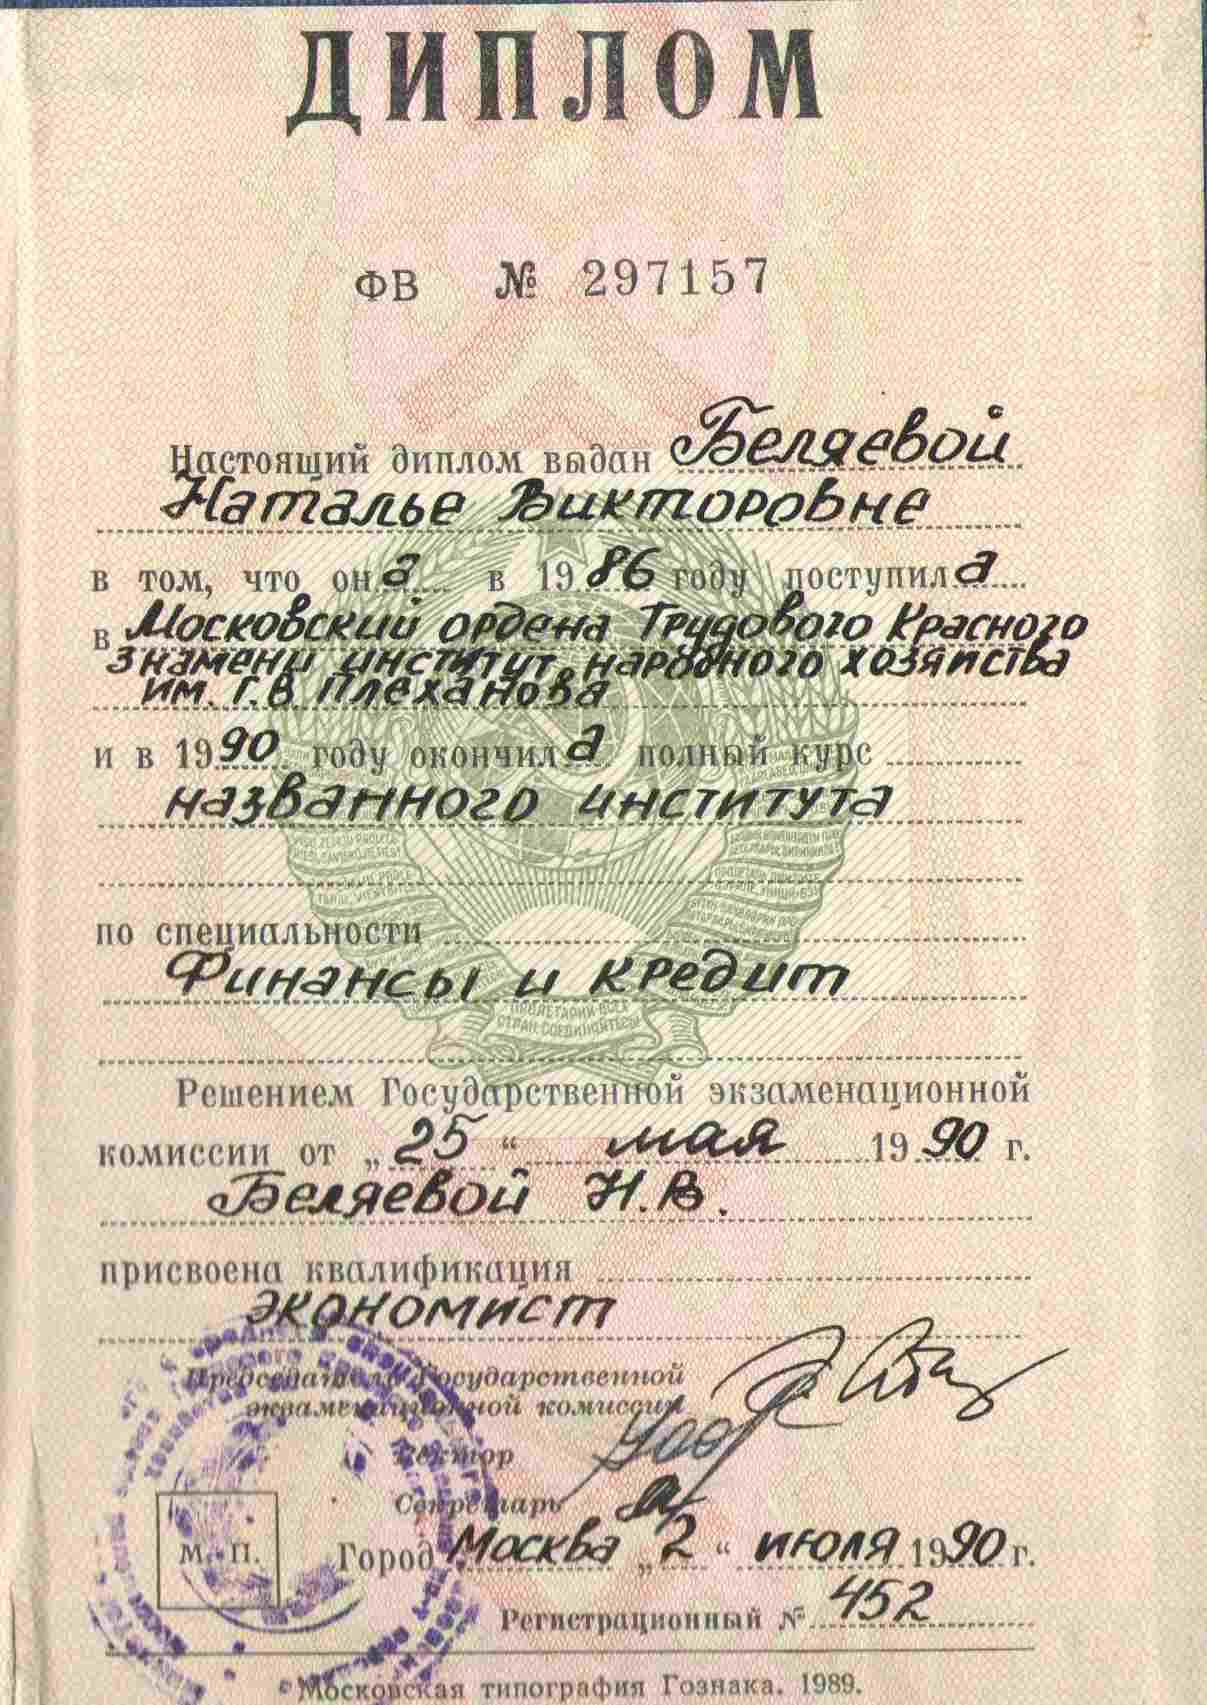 Diplom-002